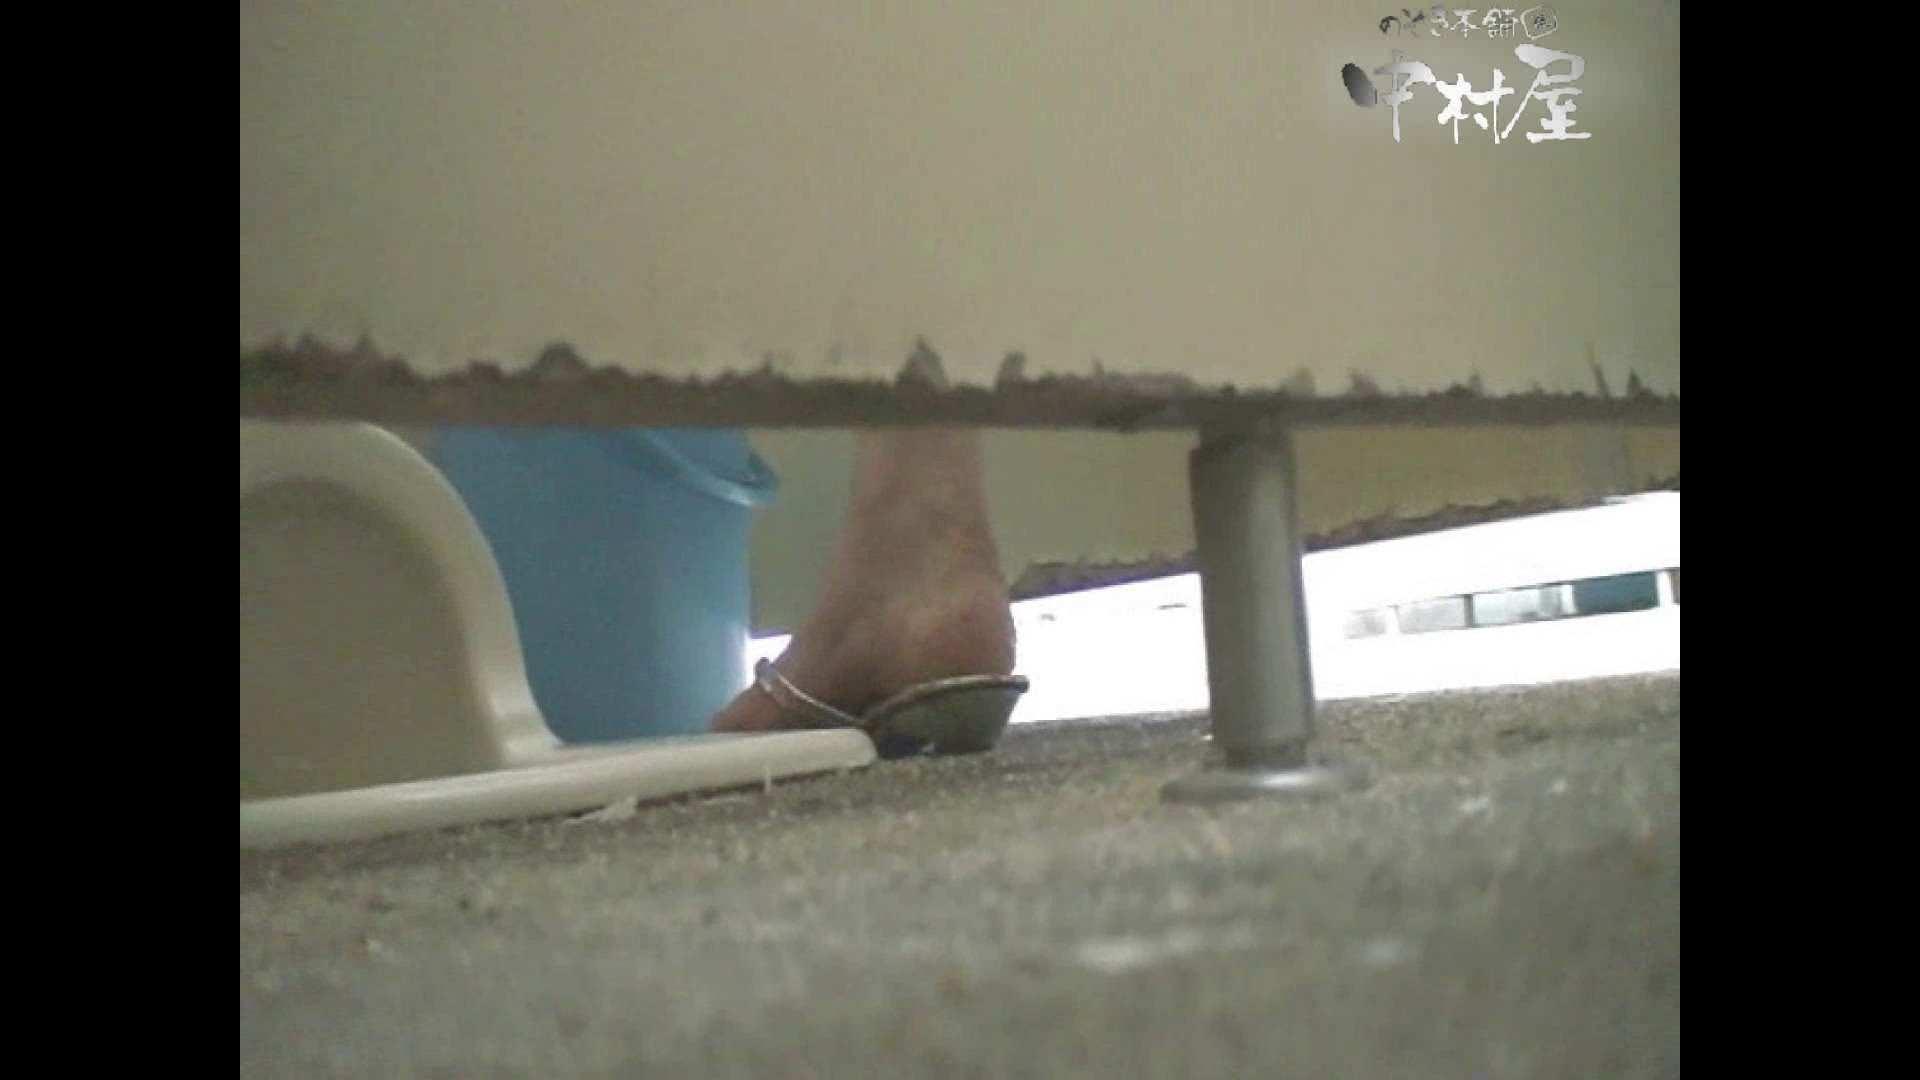 岩手県在住盗撮師盗撮記録vol.19 ハプニング セックス無修正動画無料 96pic 59